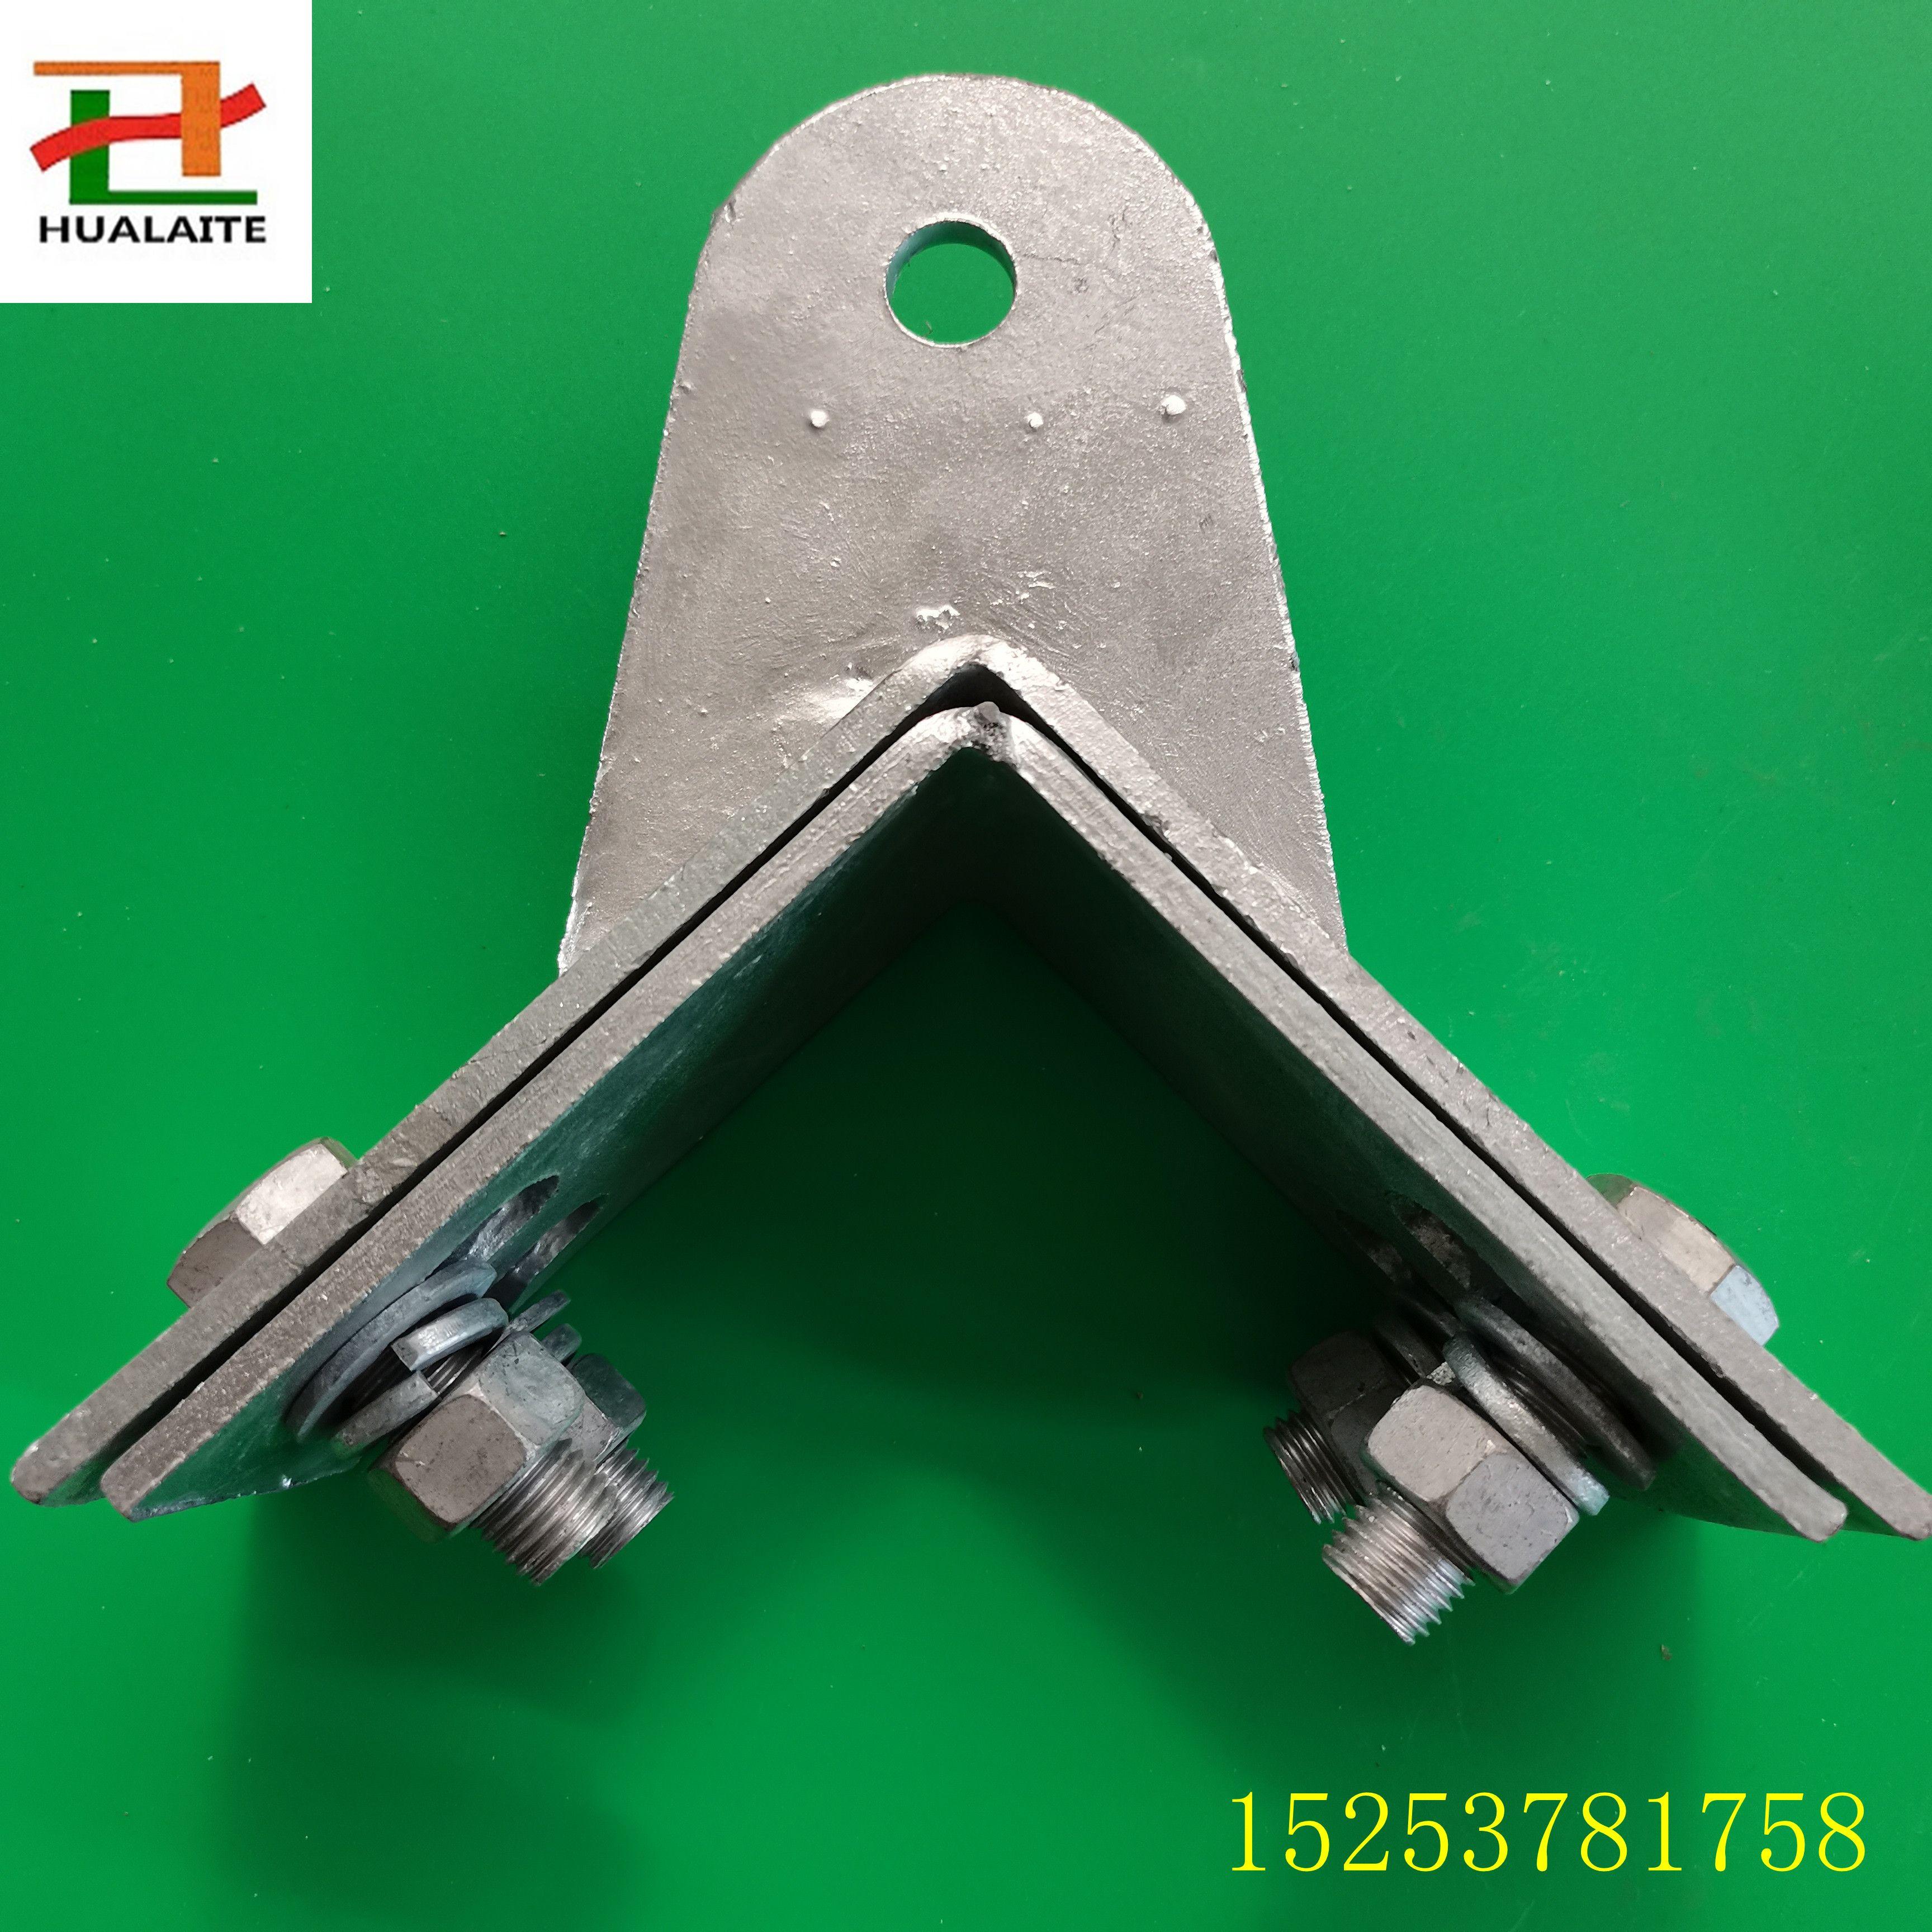 批发塔用耐张紧固件光缆转角紧固线夹各种规格型号现货